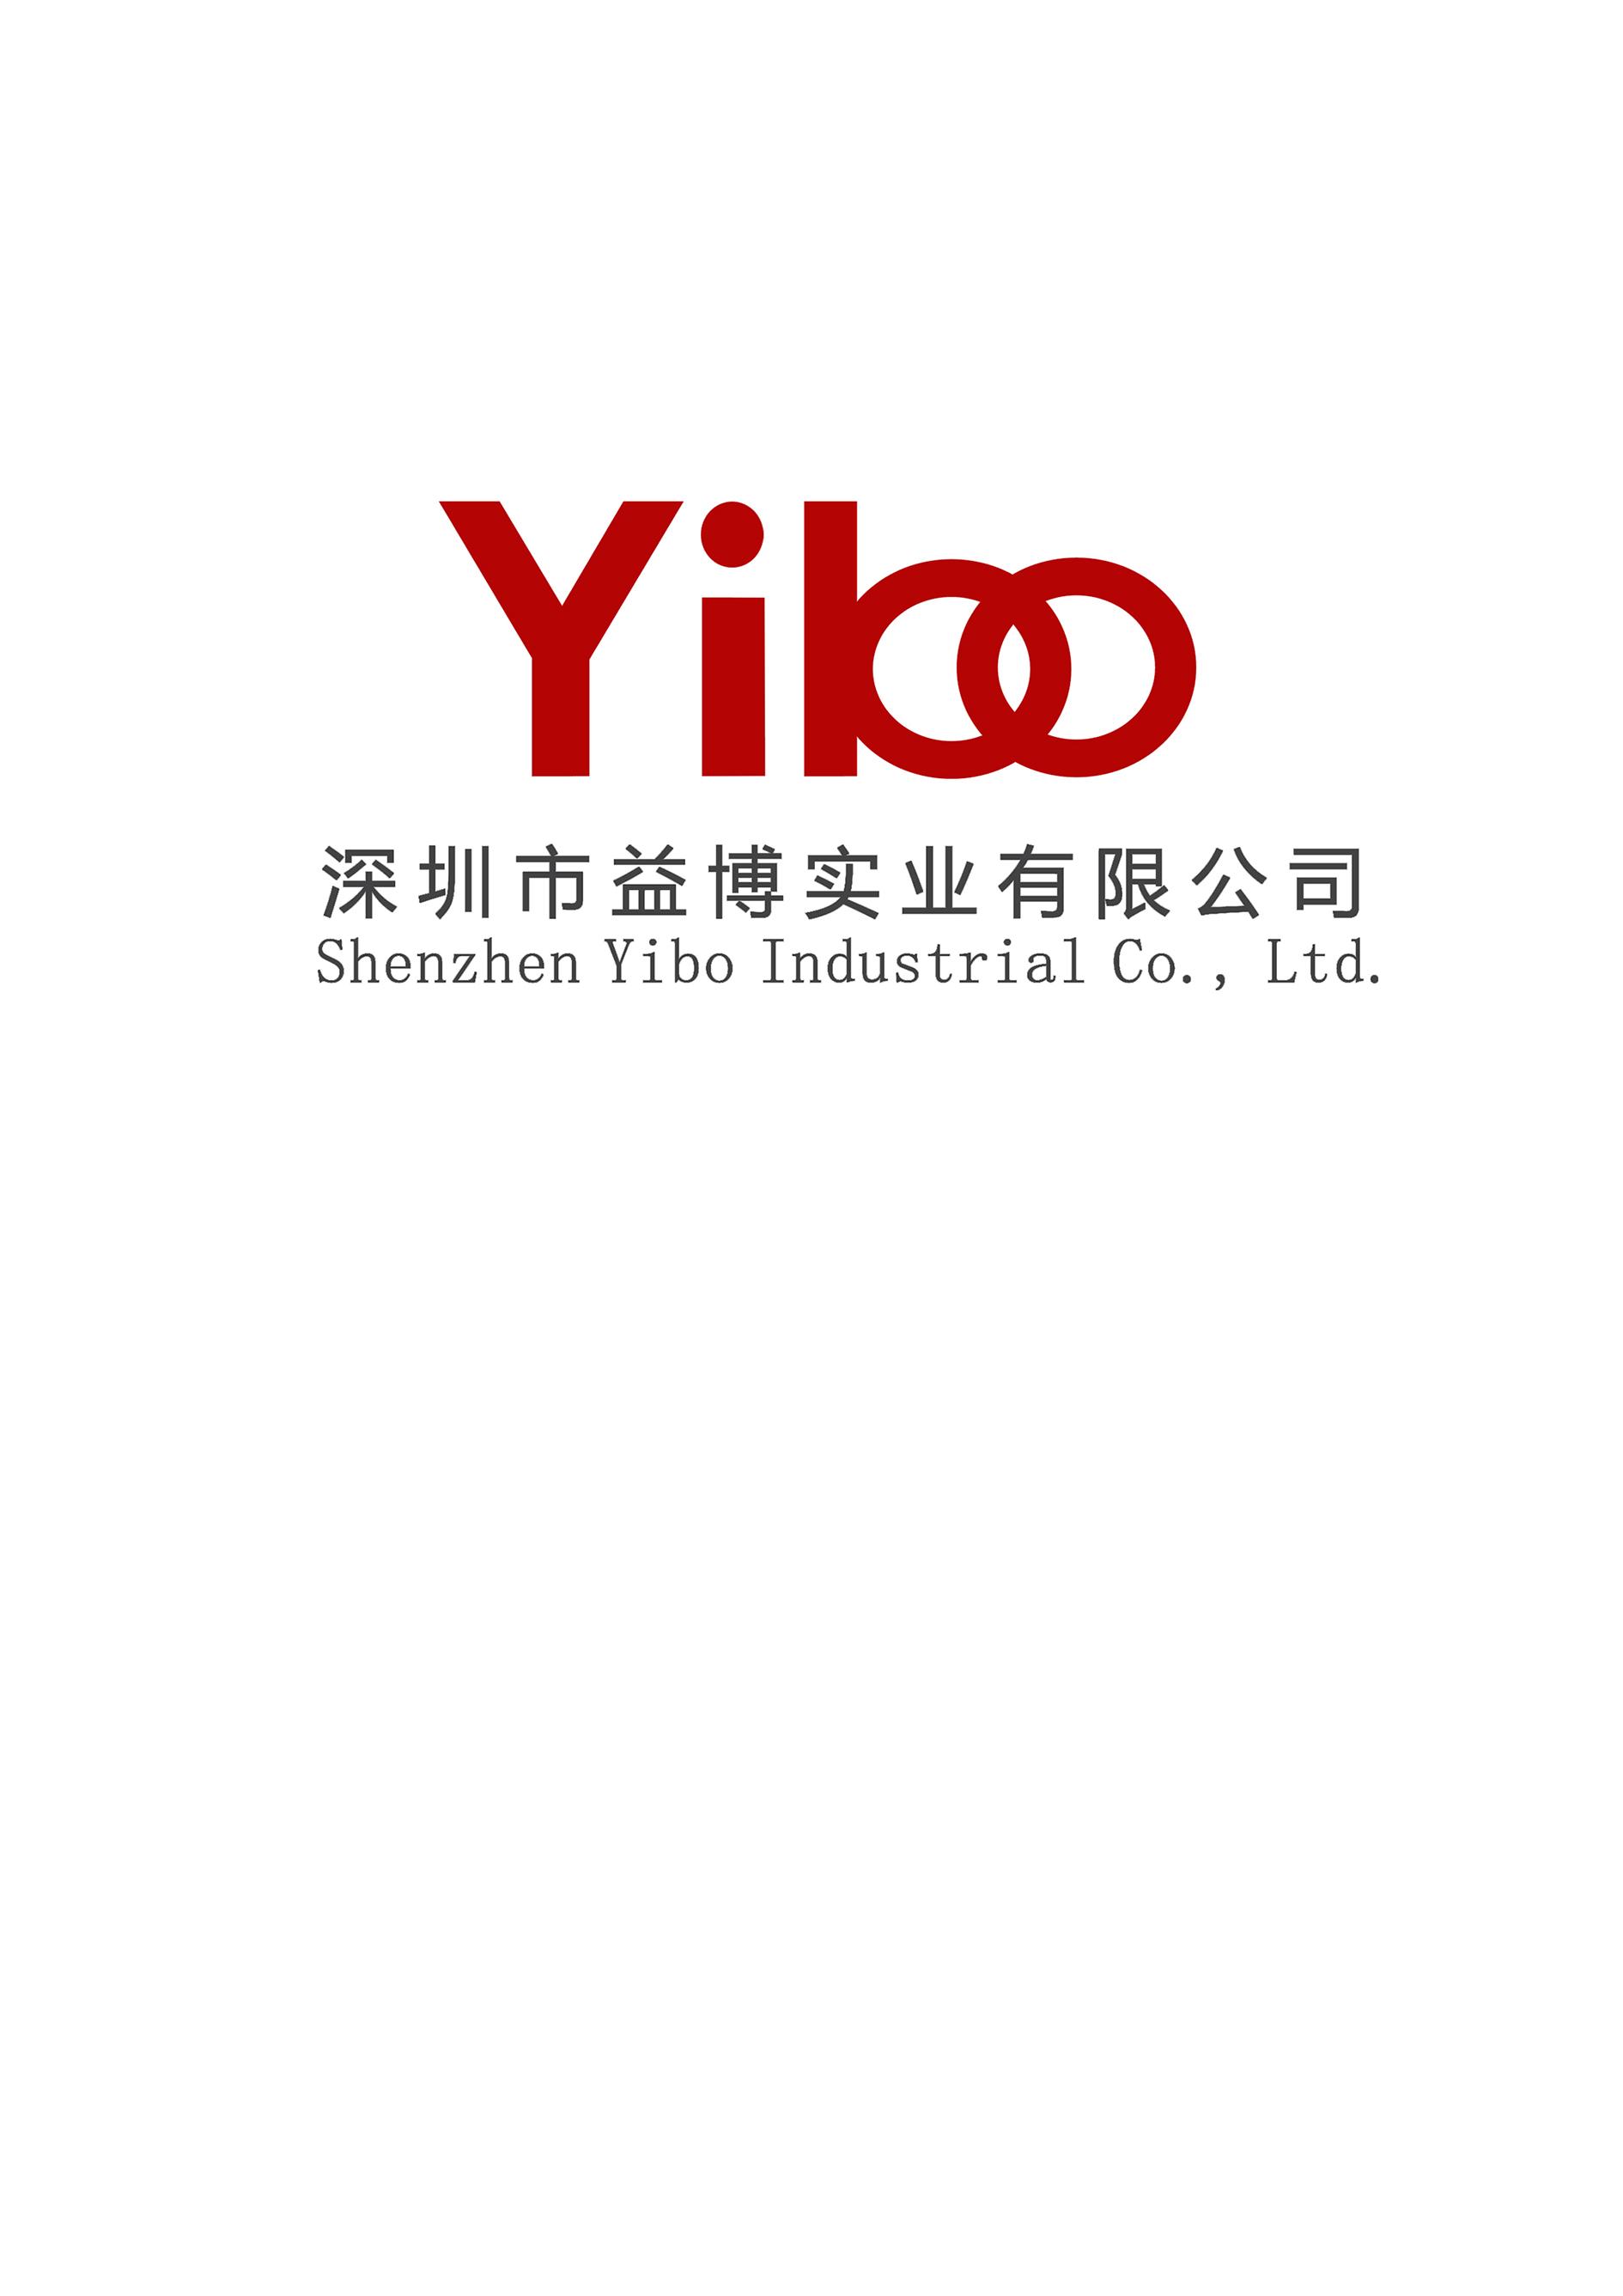 深圳市益博實業有限公司logo設計